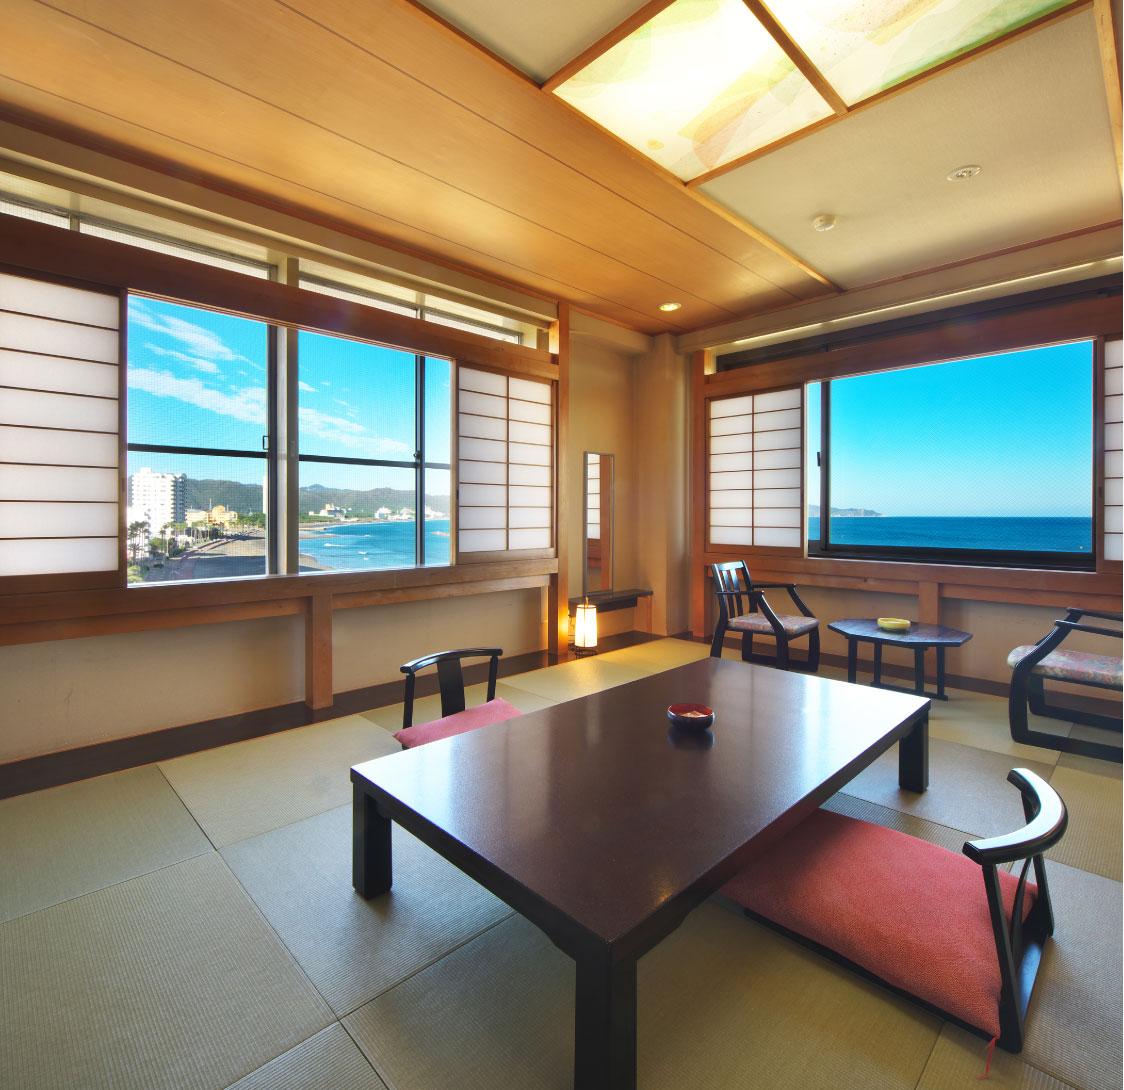 鴨川ユニバースホテル | 千葉県鴨川のオーシャンビューの温泉宿